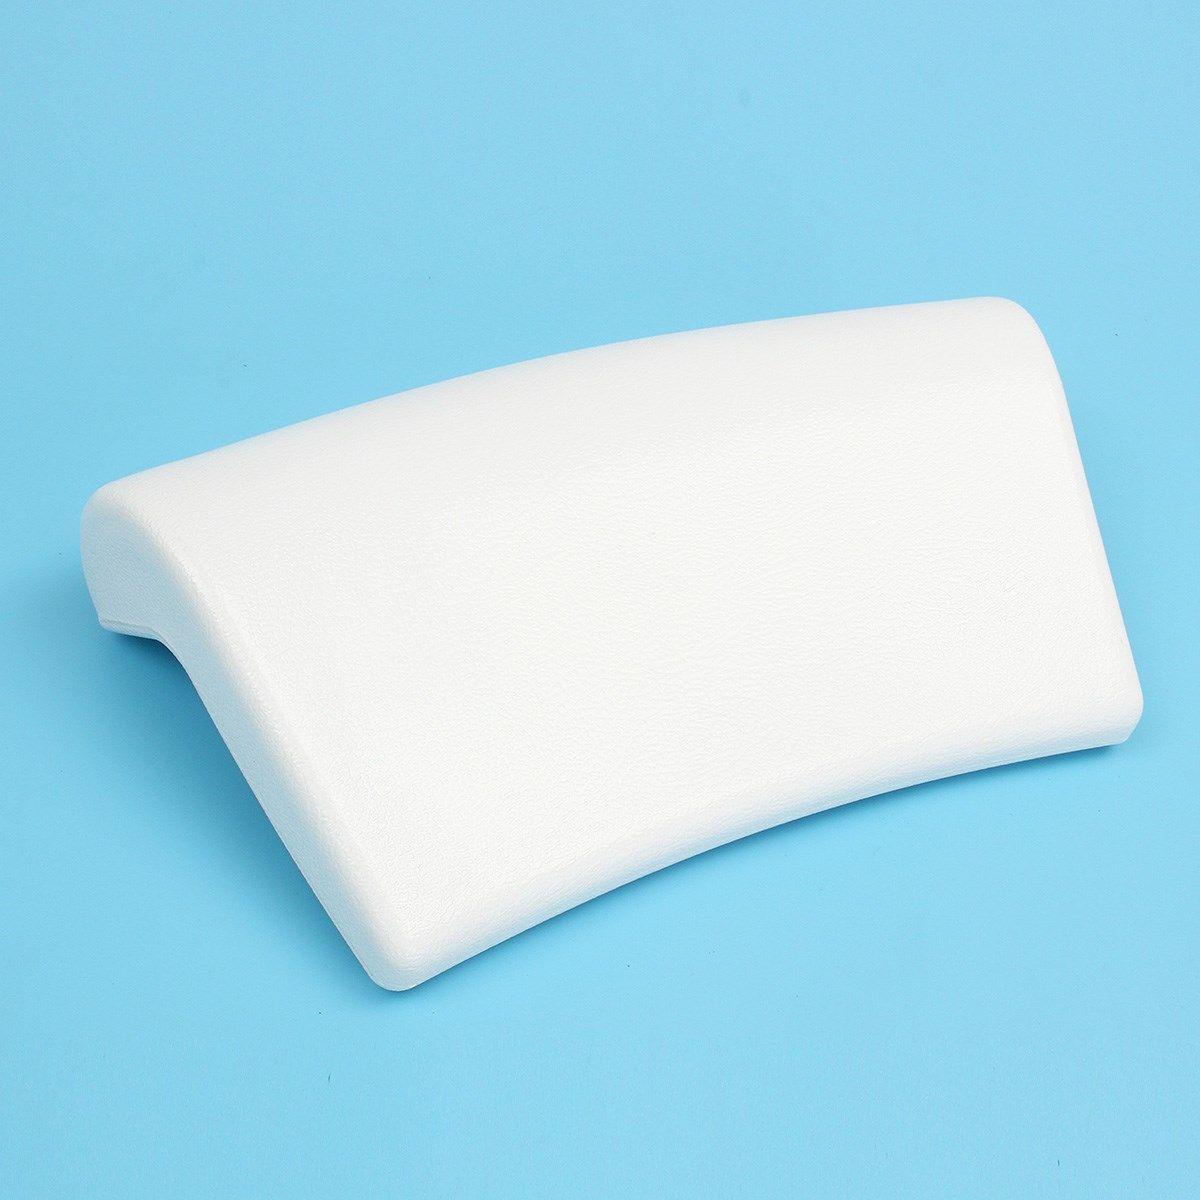 Rustic D?cor Bathroom Supplies Bathtub Pillows Household Comfortable  Headrest Waterproof Bath Pillows Bath Spa